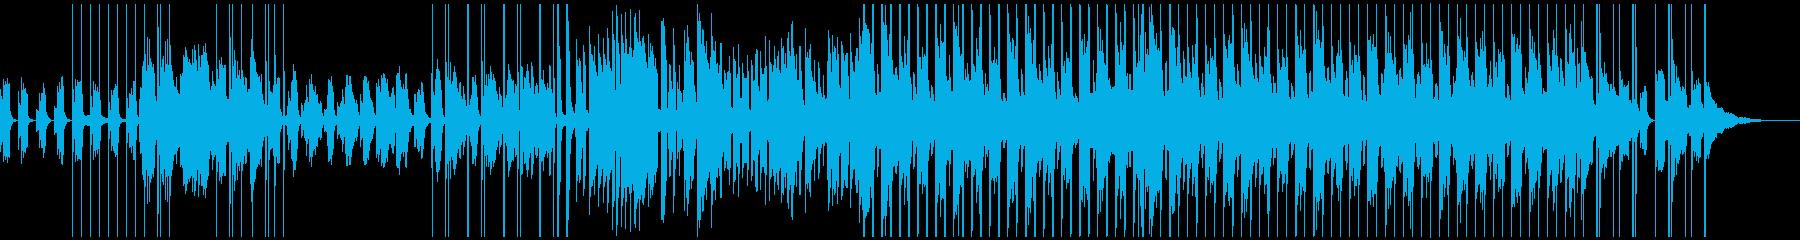 おしゃれ かわいい アコースティックの再生済みの波形